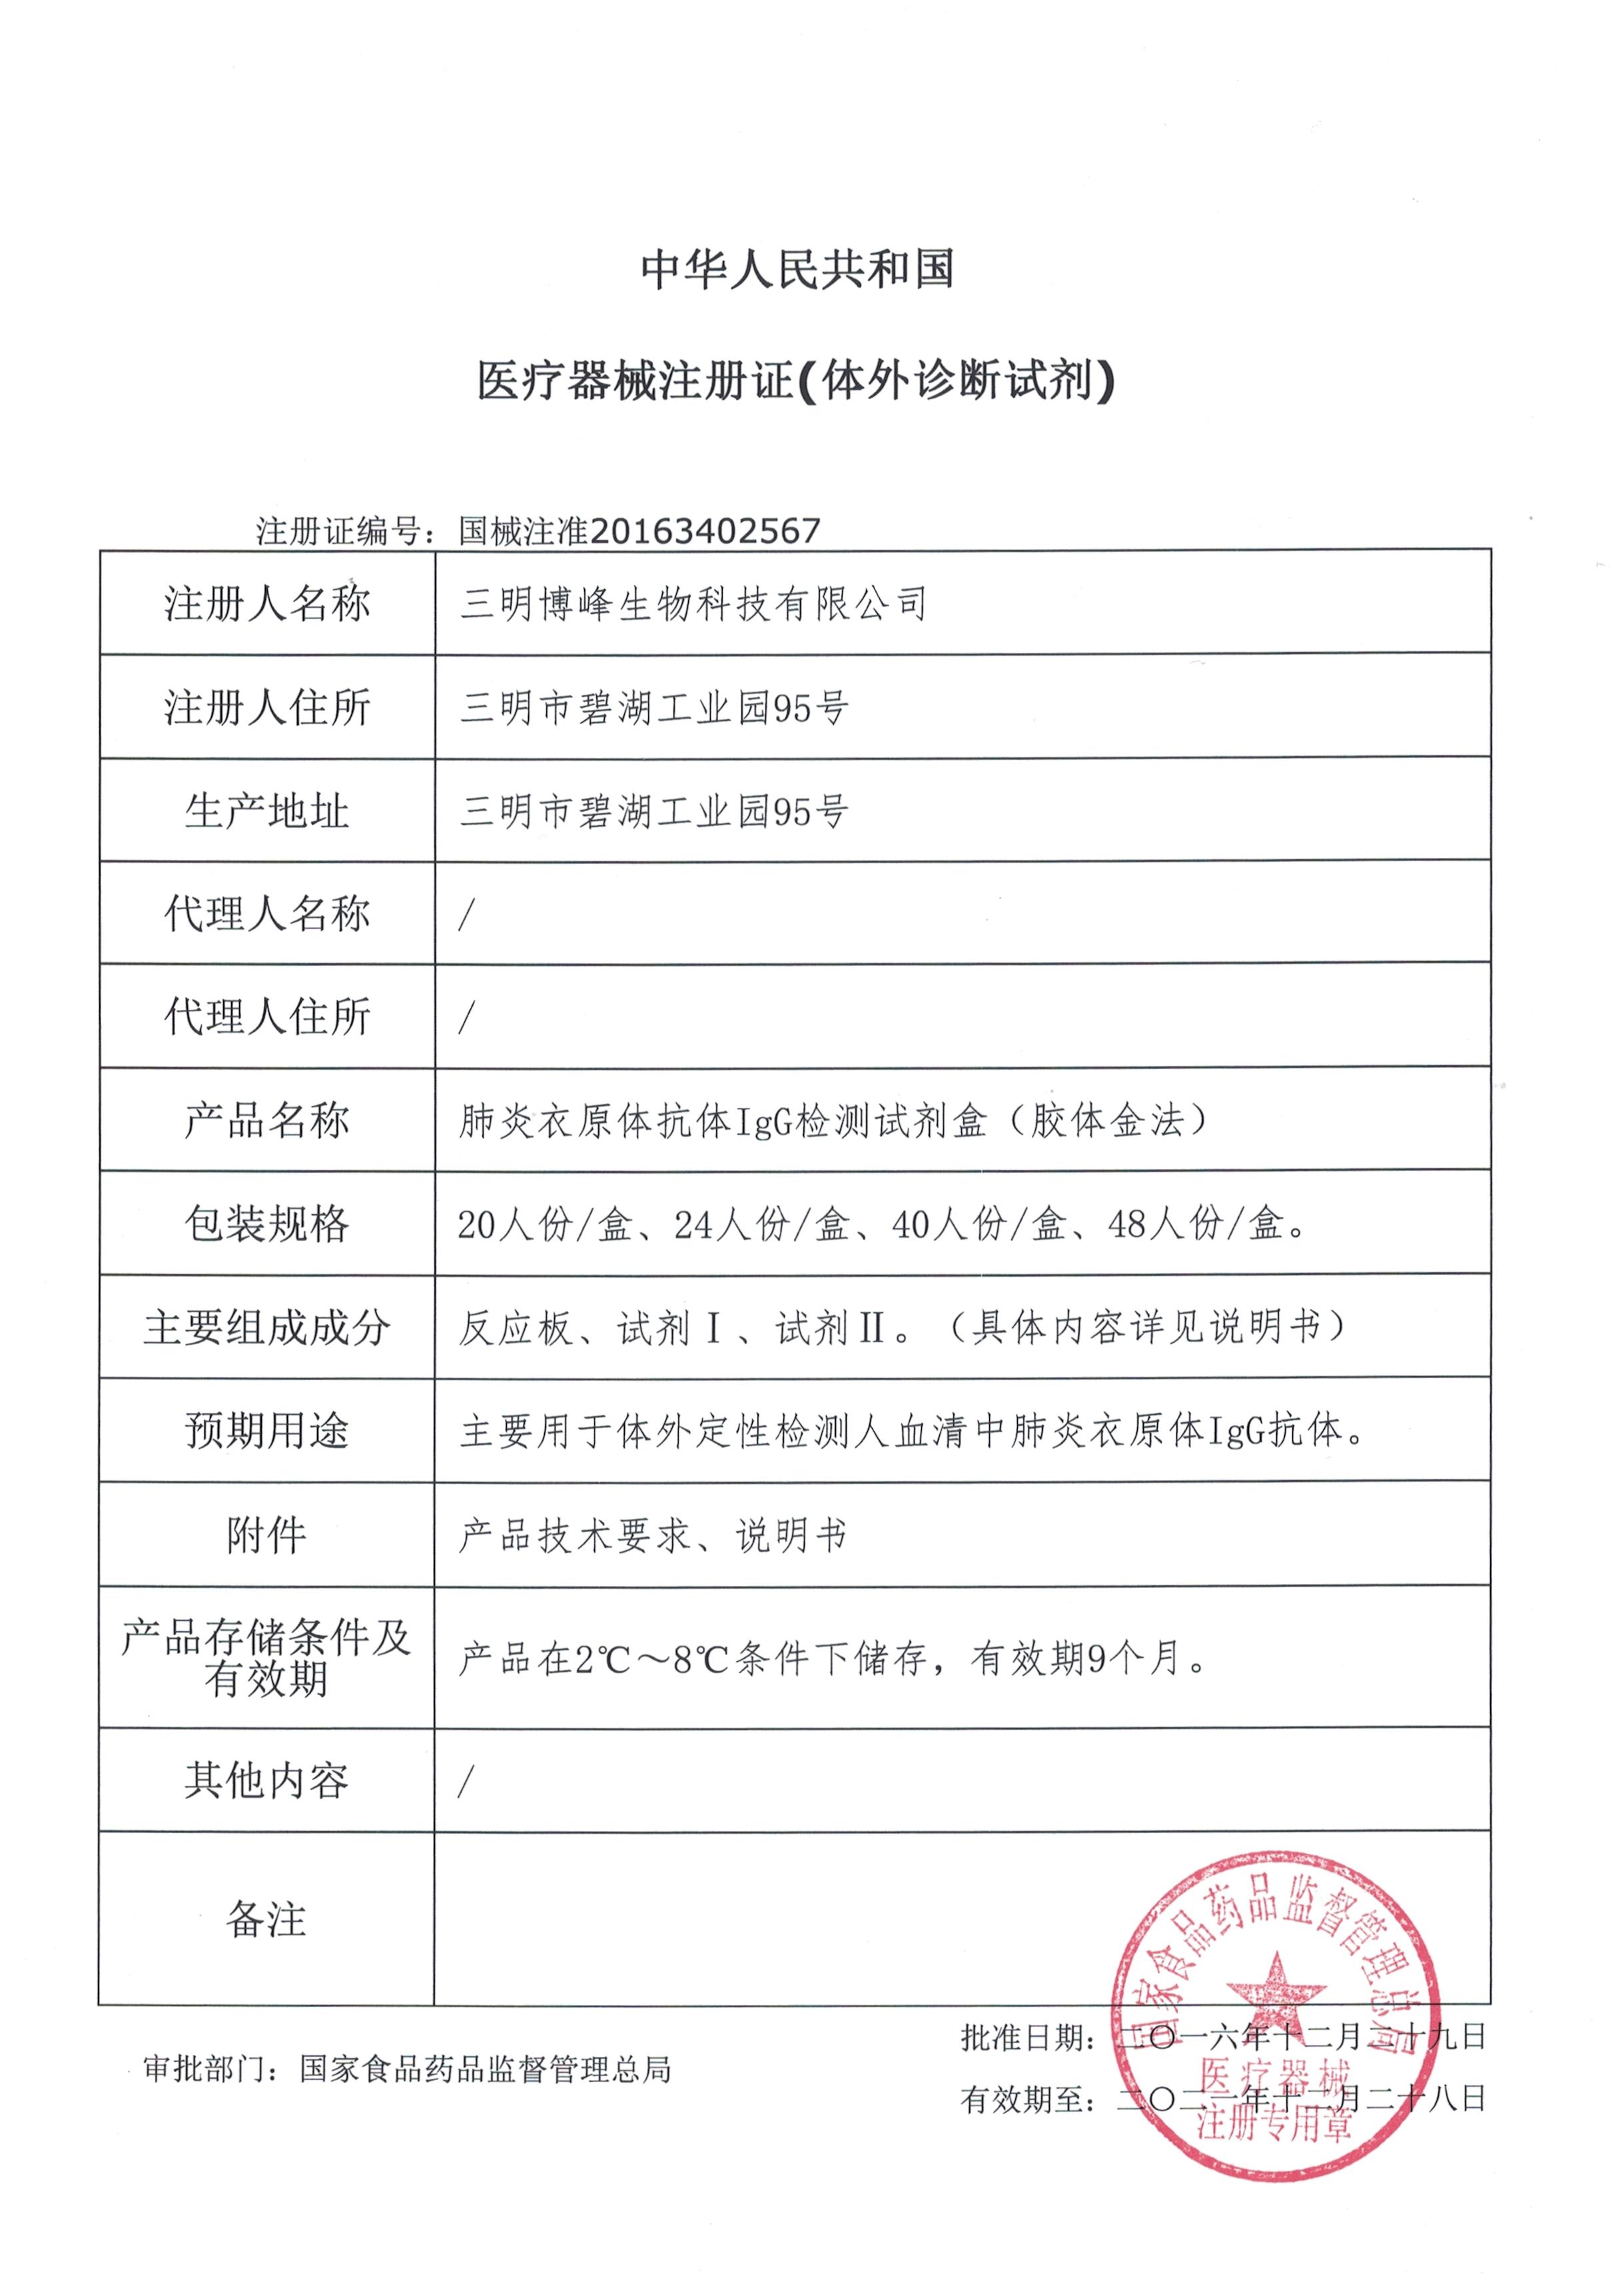 4.肺炎衣原体IgG注册证.JPG